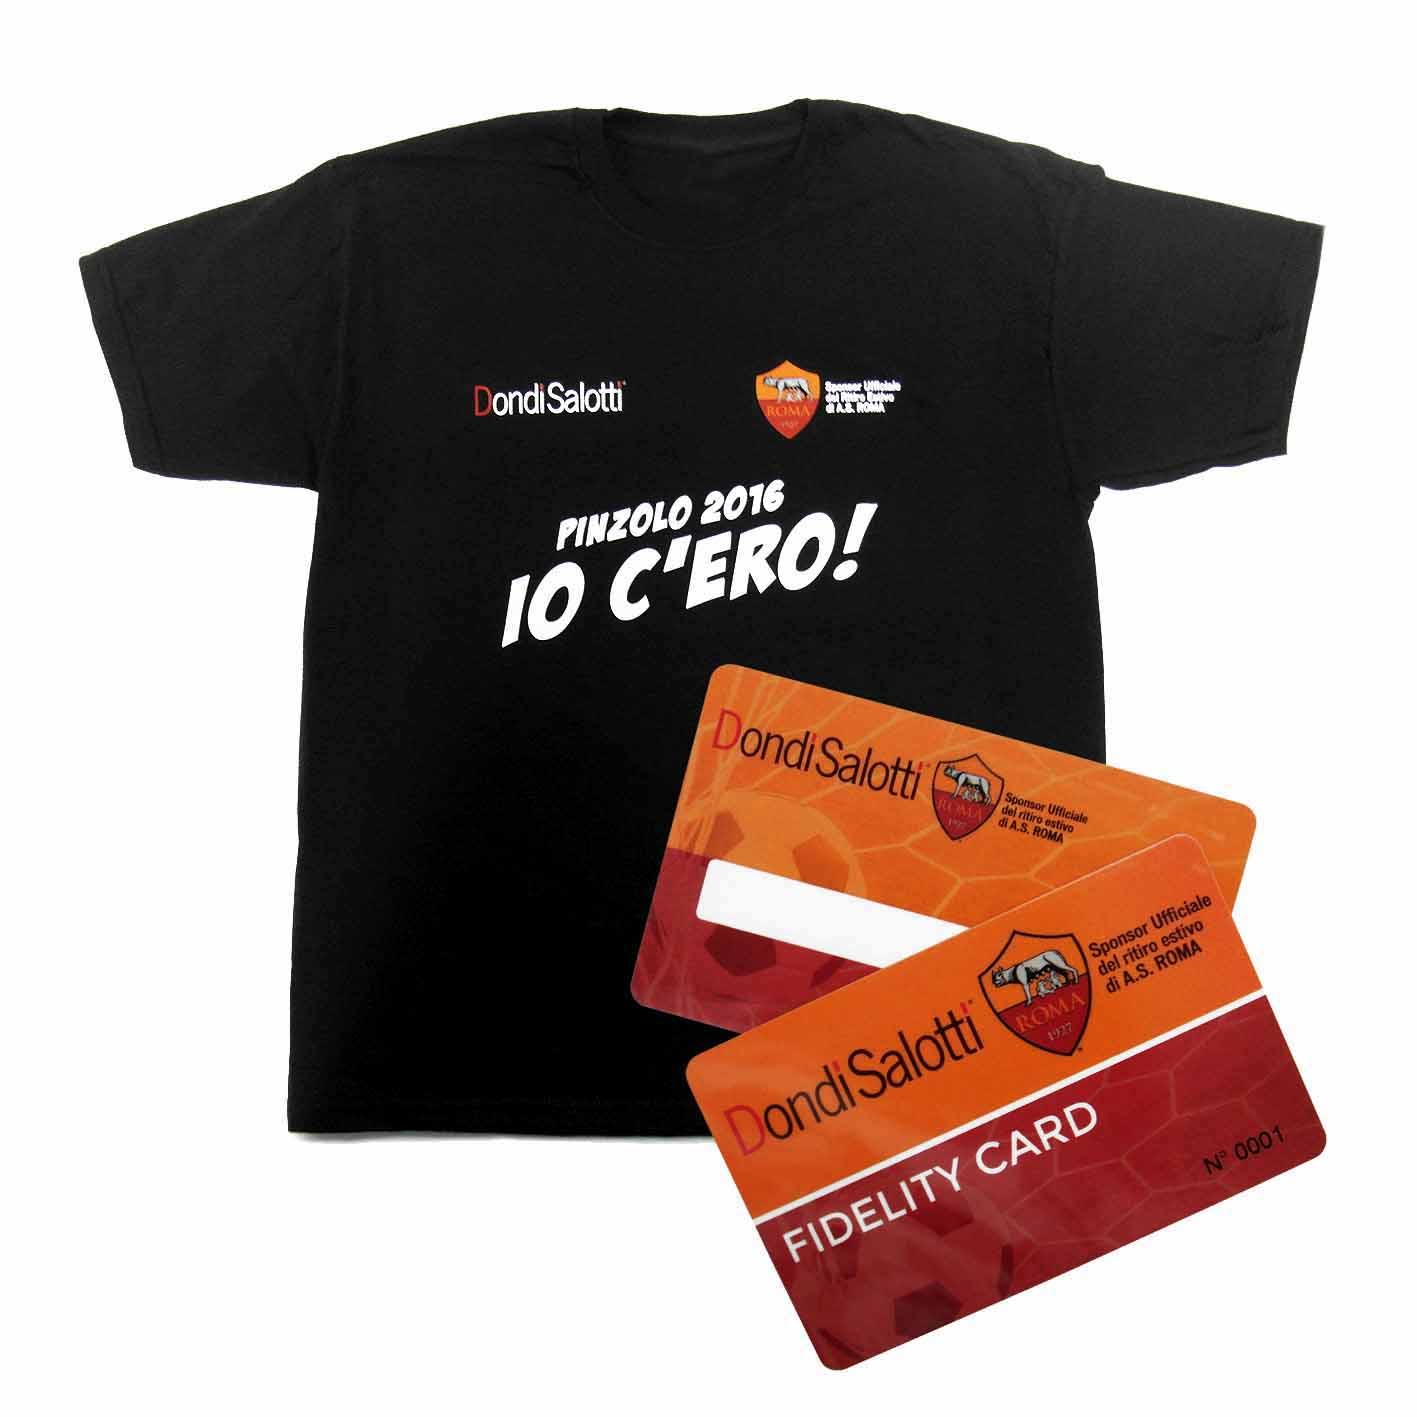 T-shirt e fidelity card realizzate per il ritiro della AS Roma